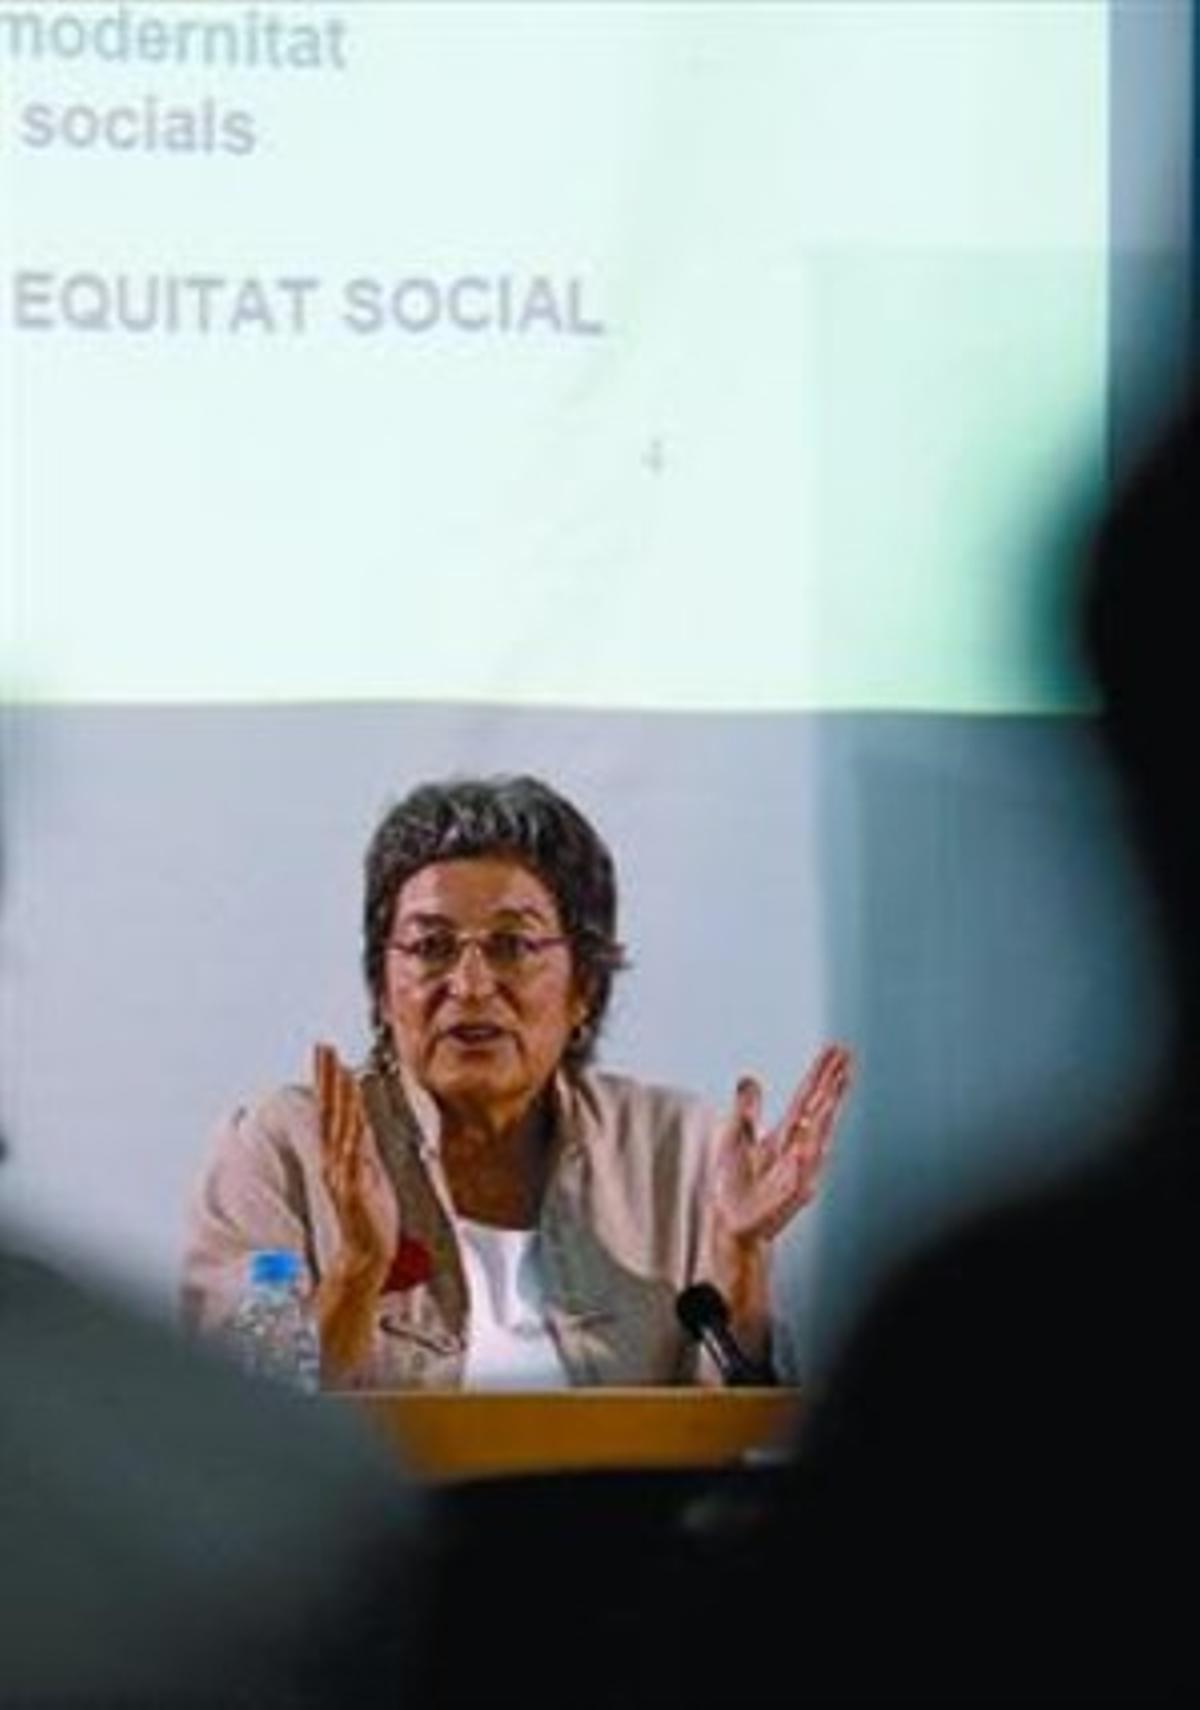 Socióloga 8 Cristina Brunet, que abrió las jornadas en Golferichs.